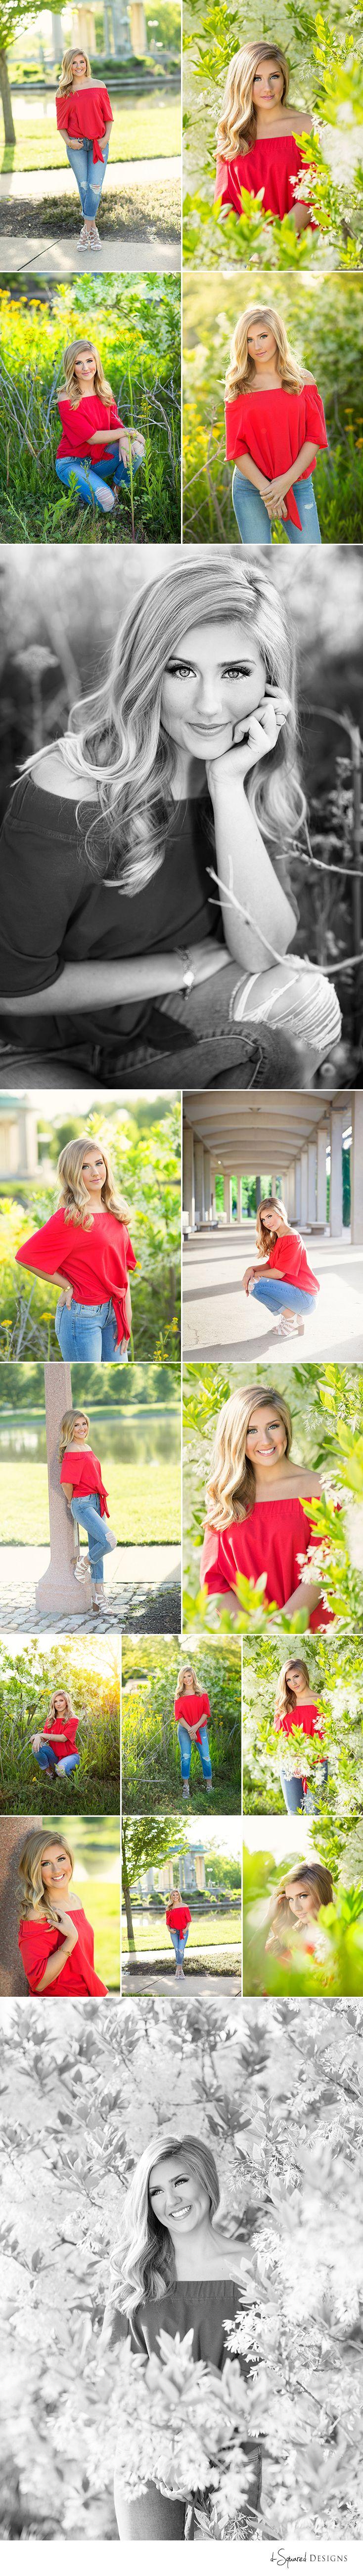 Grace | St. Louis, MO Senior Photography | dsqdesigns.com